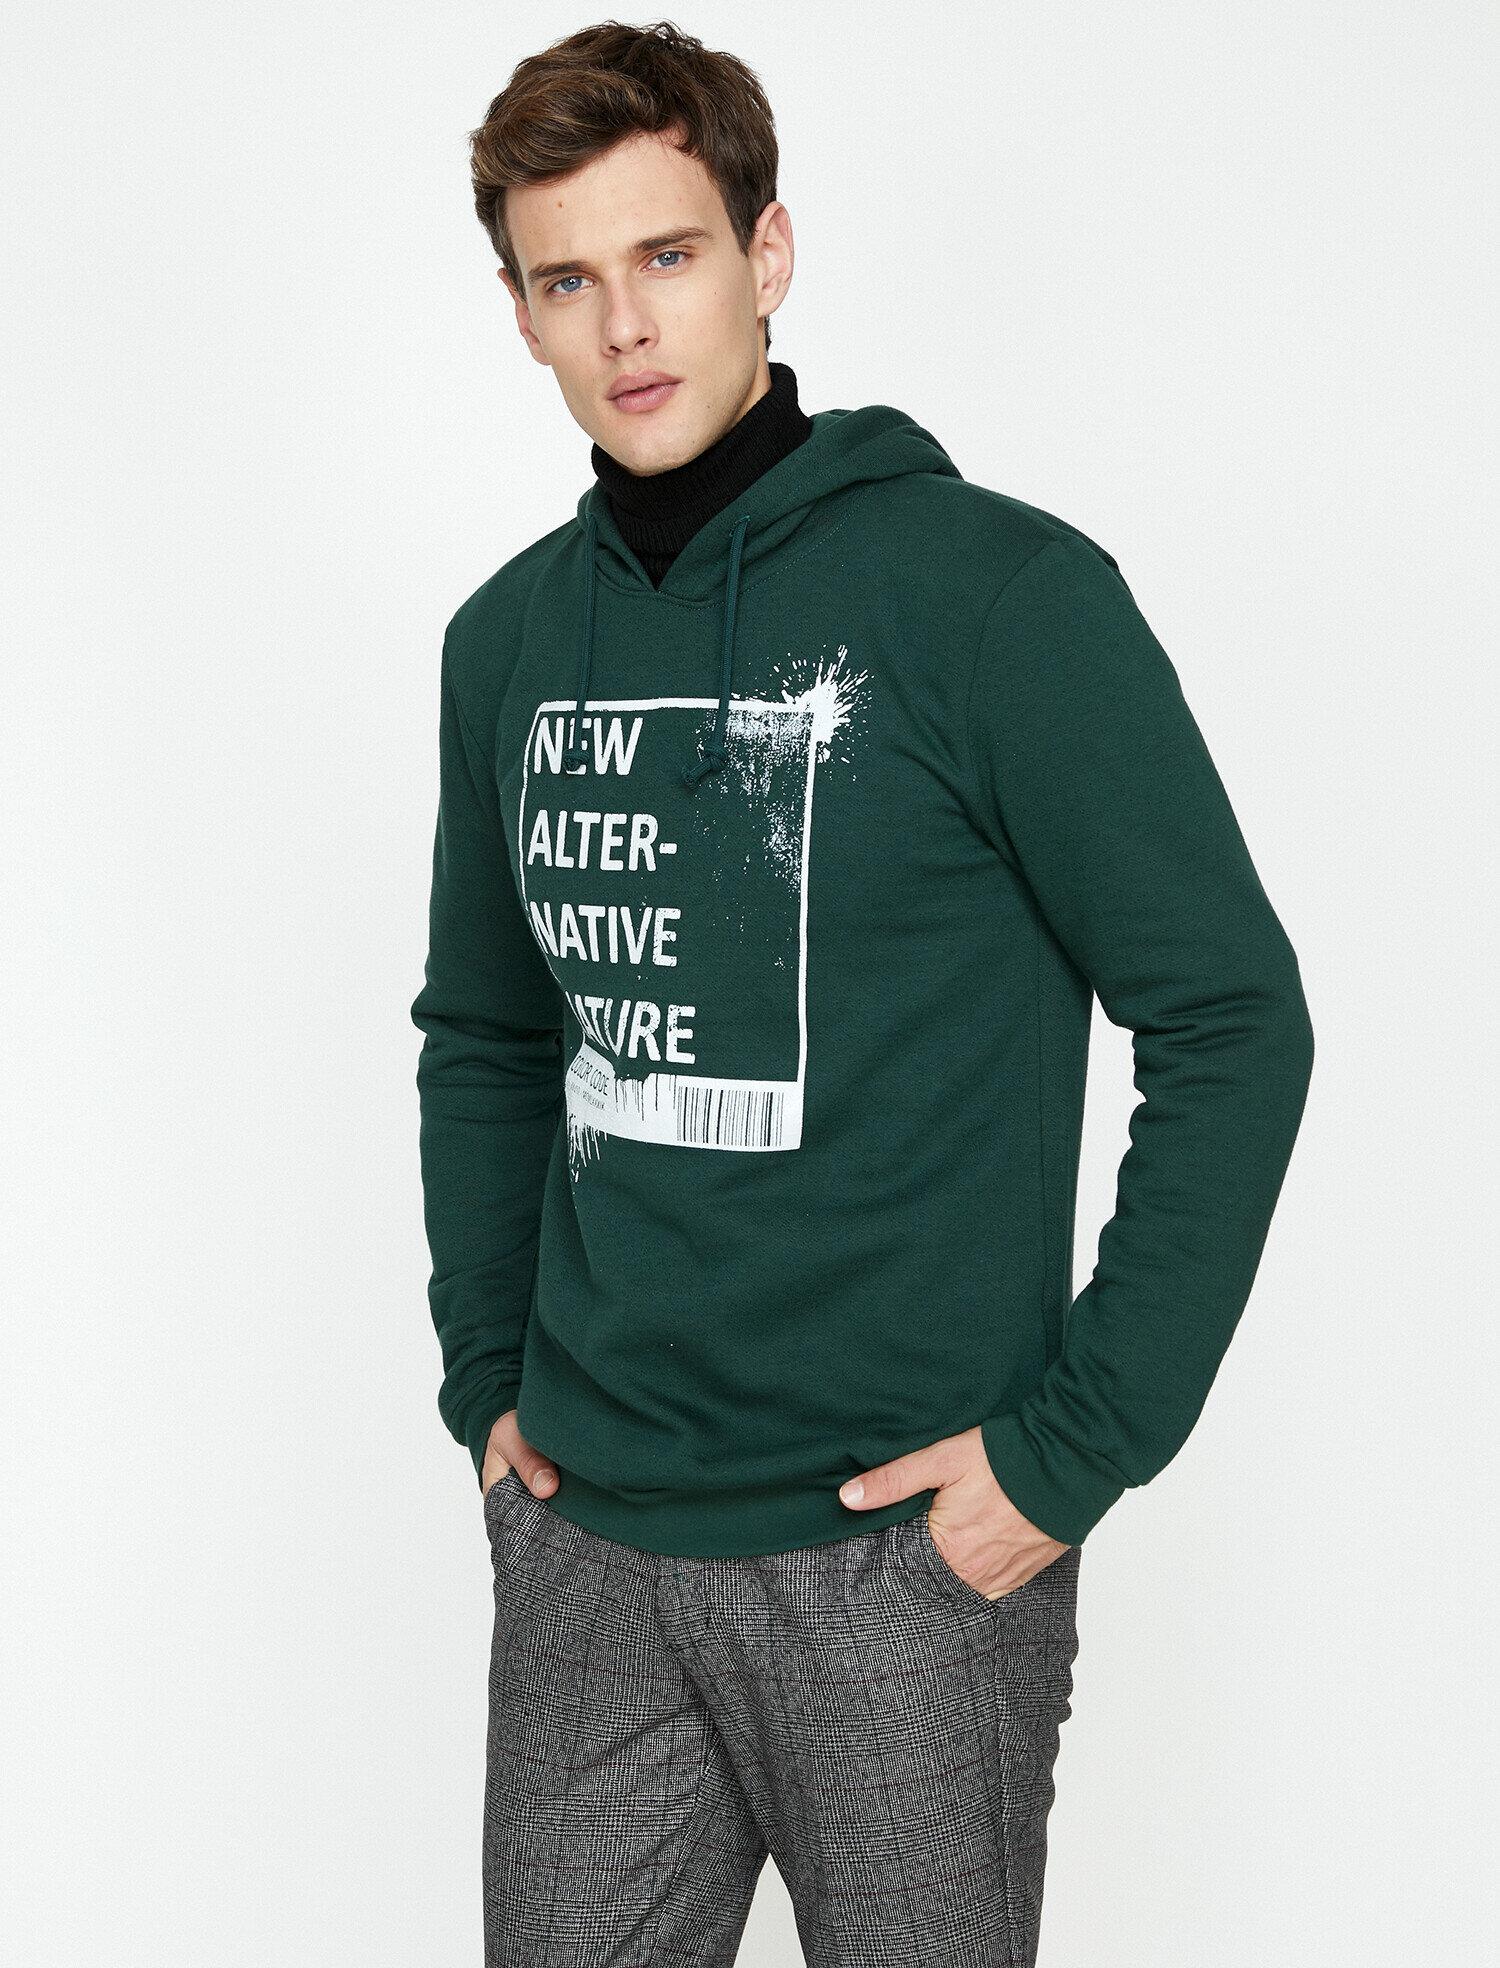 Koton Erkek Yazili Baskili Sweatshirt Yeşil Ürün Resmi